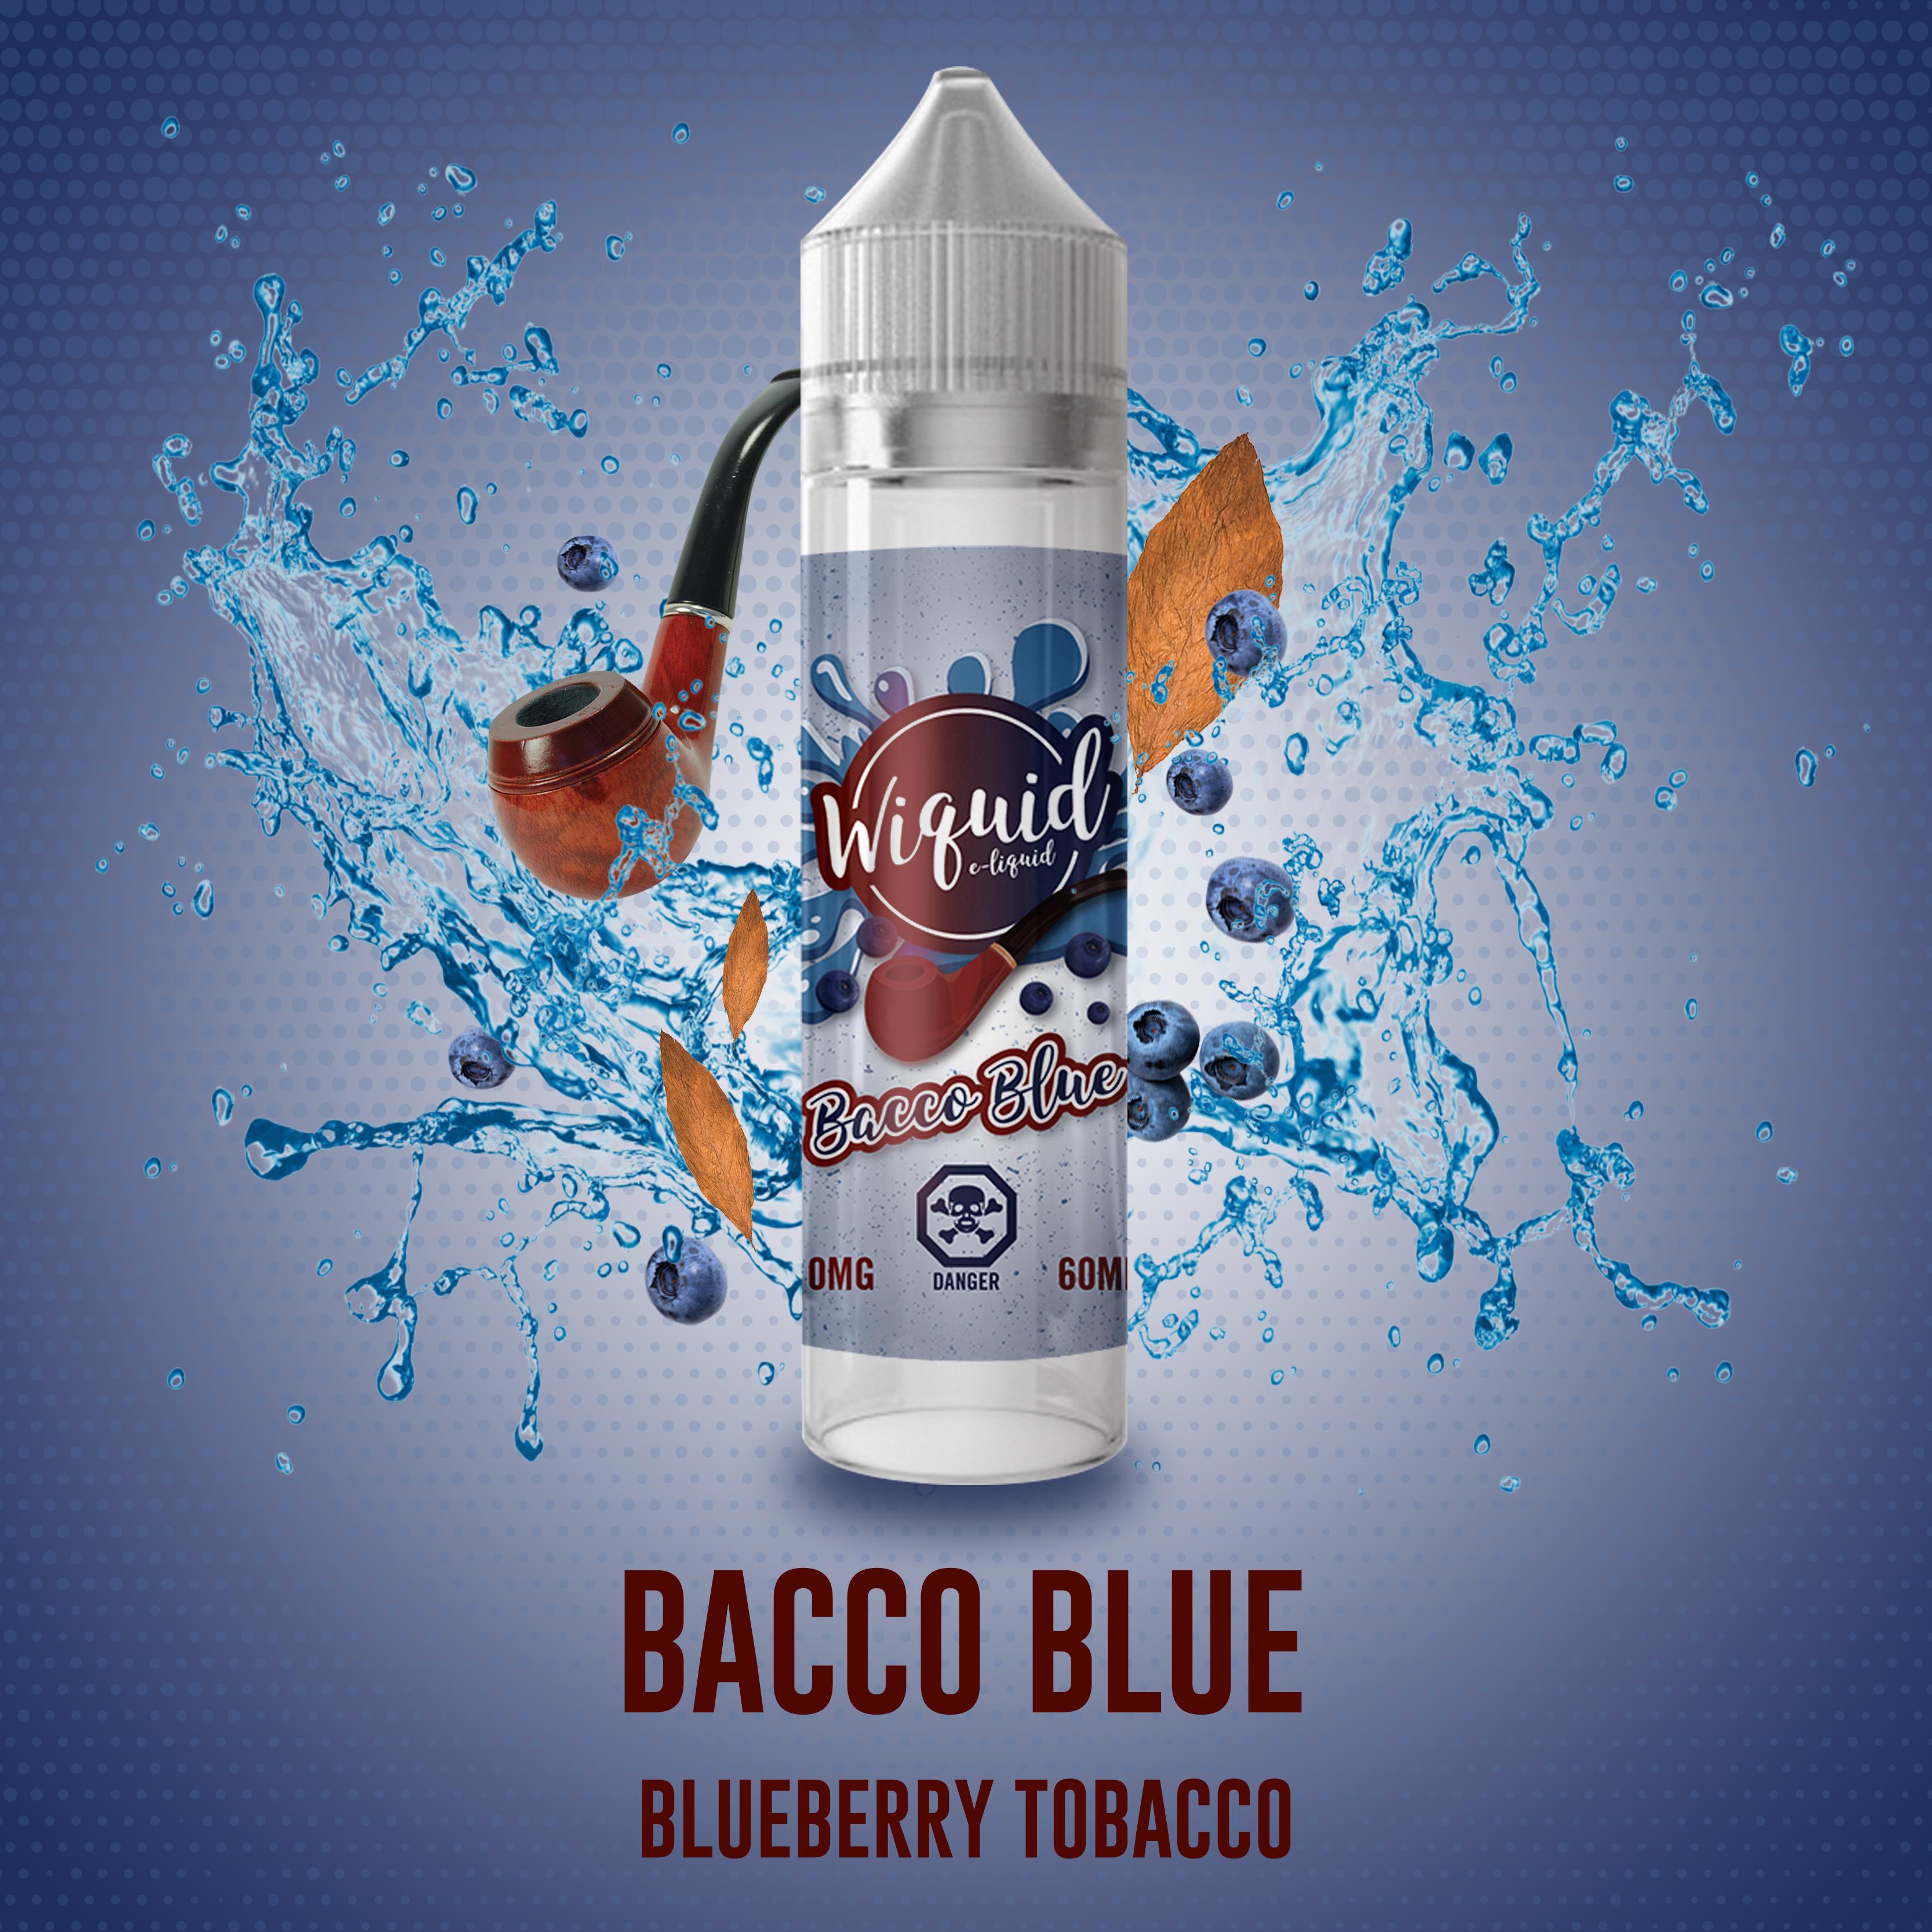 Bacco Blue